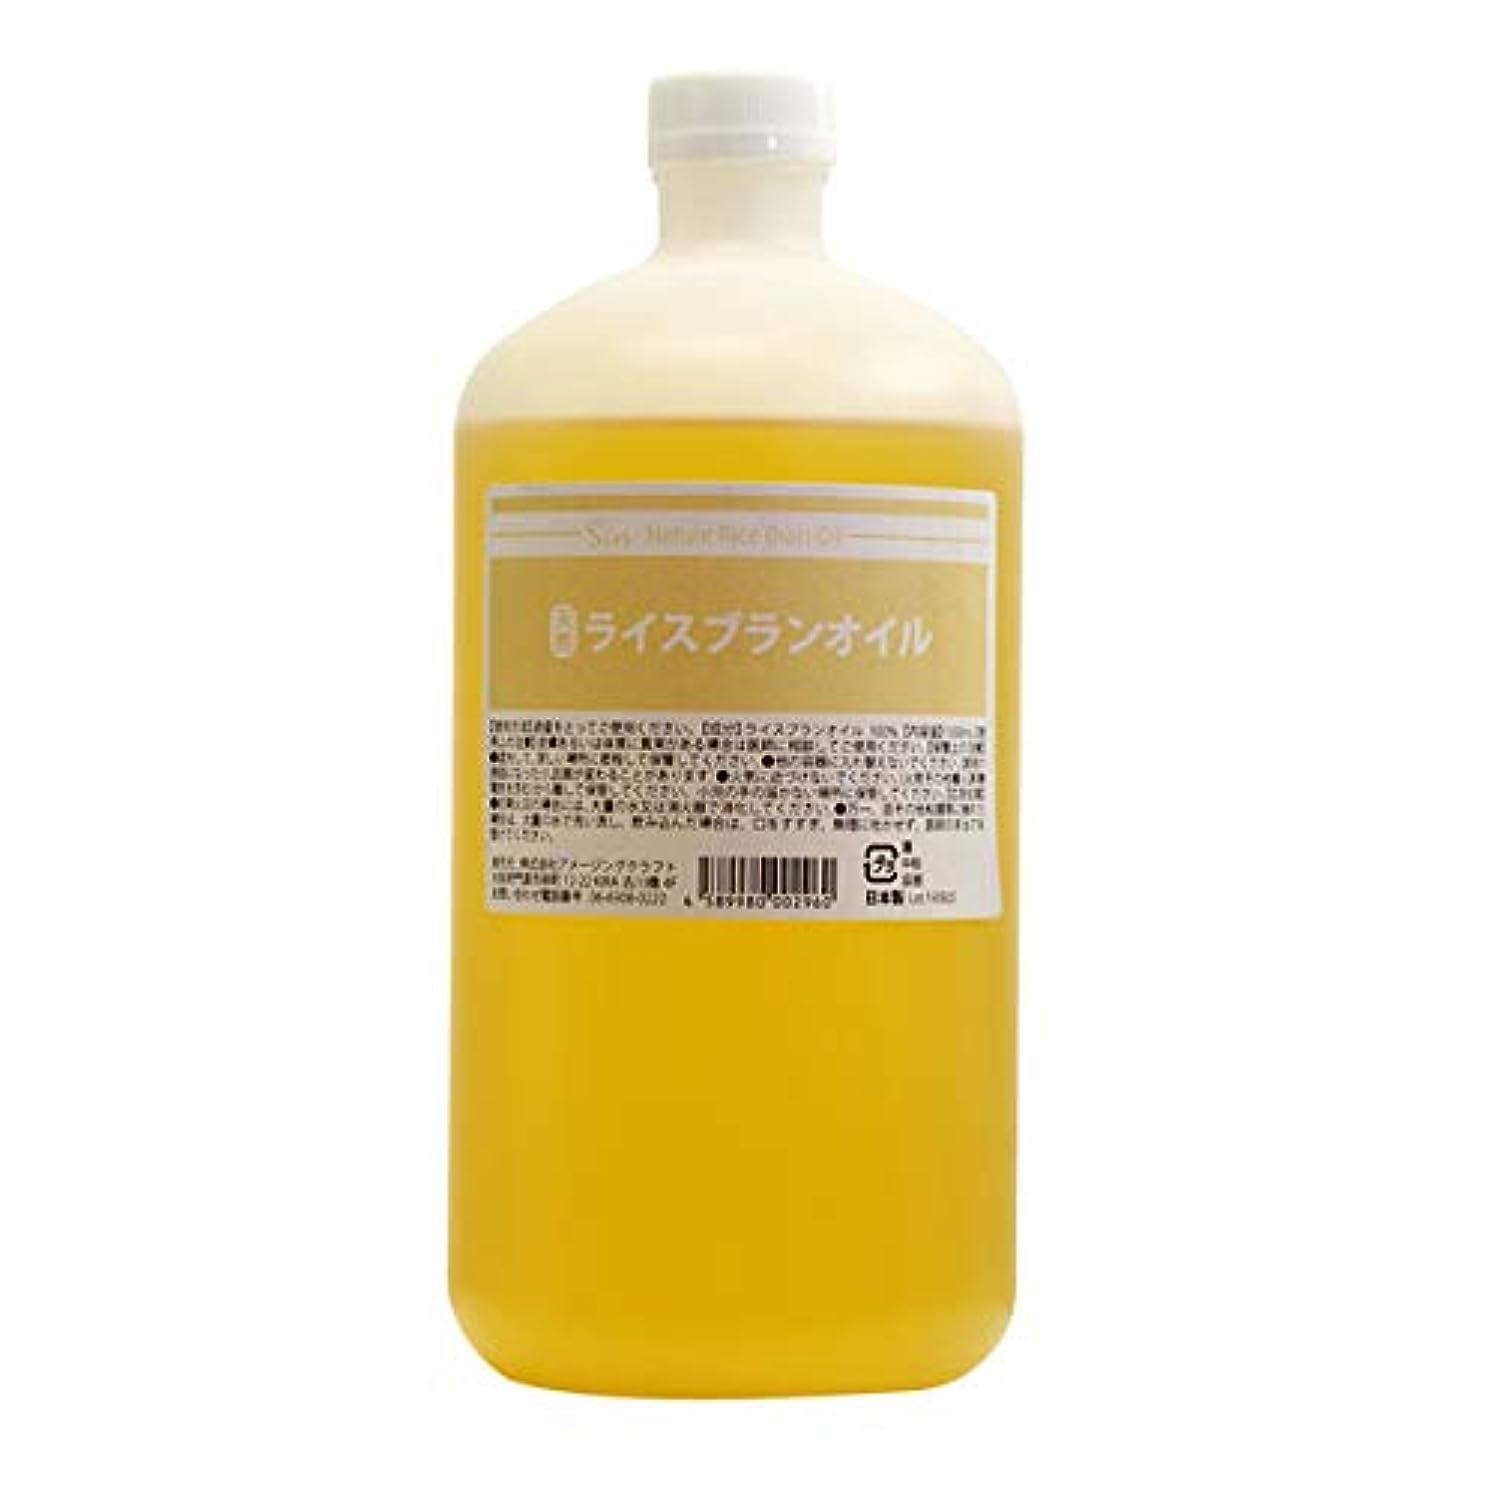 解凍する、雪解け、霜解け耐久告発国内精製 ライスブランオイル 1000ml (1L)